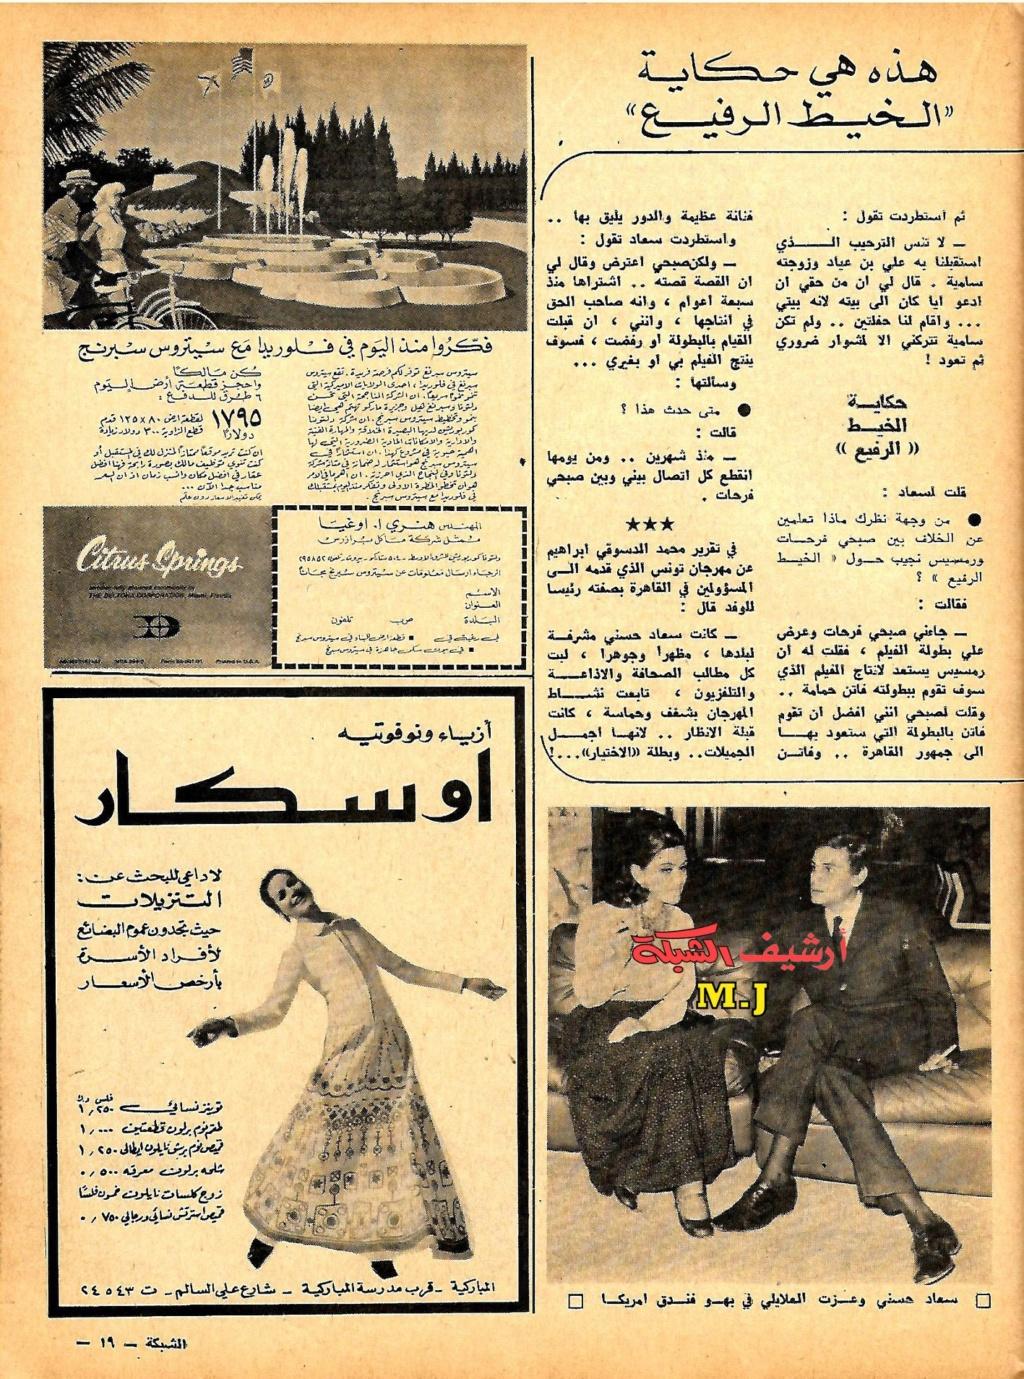 حوار - حوار صحفي : سعاد حسني .. نفرتيتي في مهرجان تونس 1970 م 410